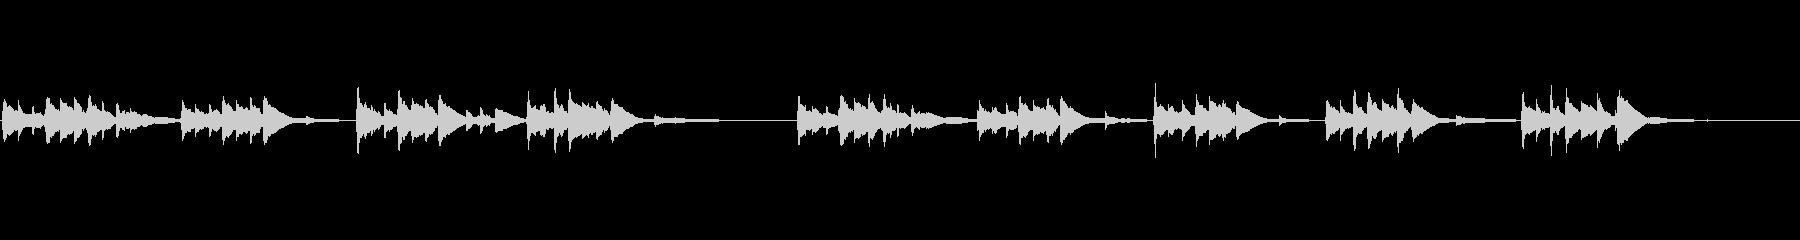 幻想的で静かなケルティックハープの曲ですの未再生の波形